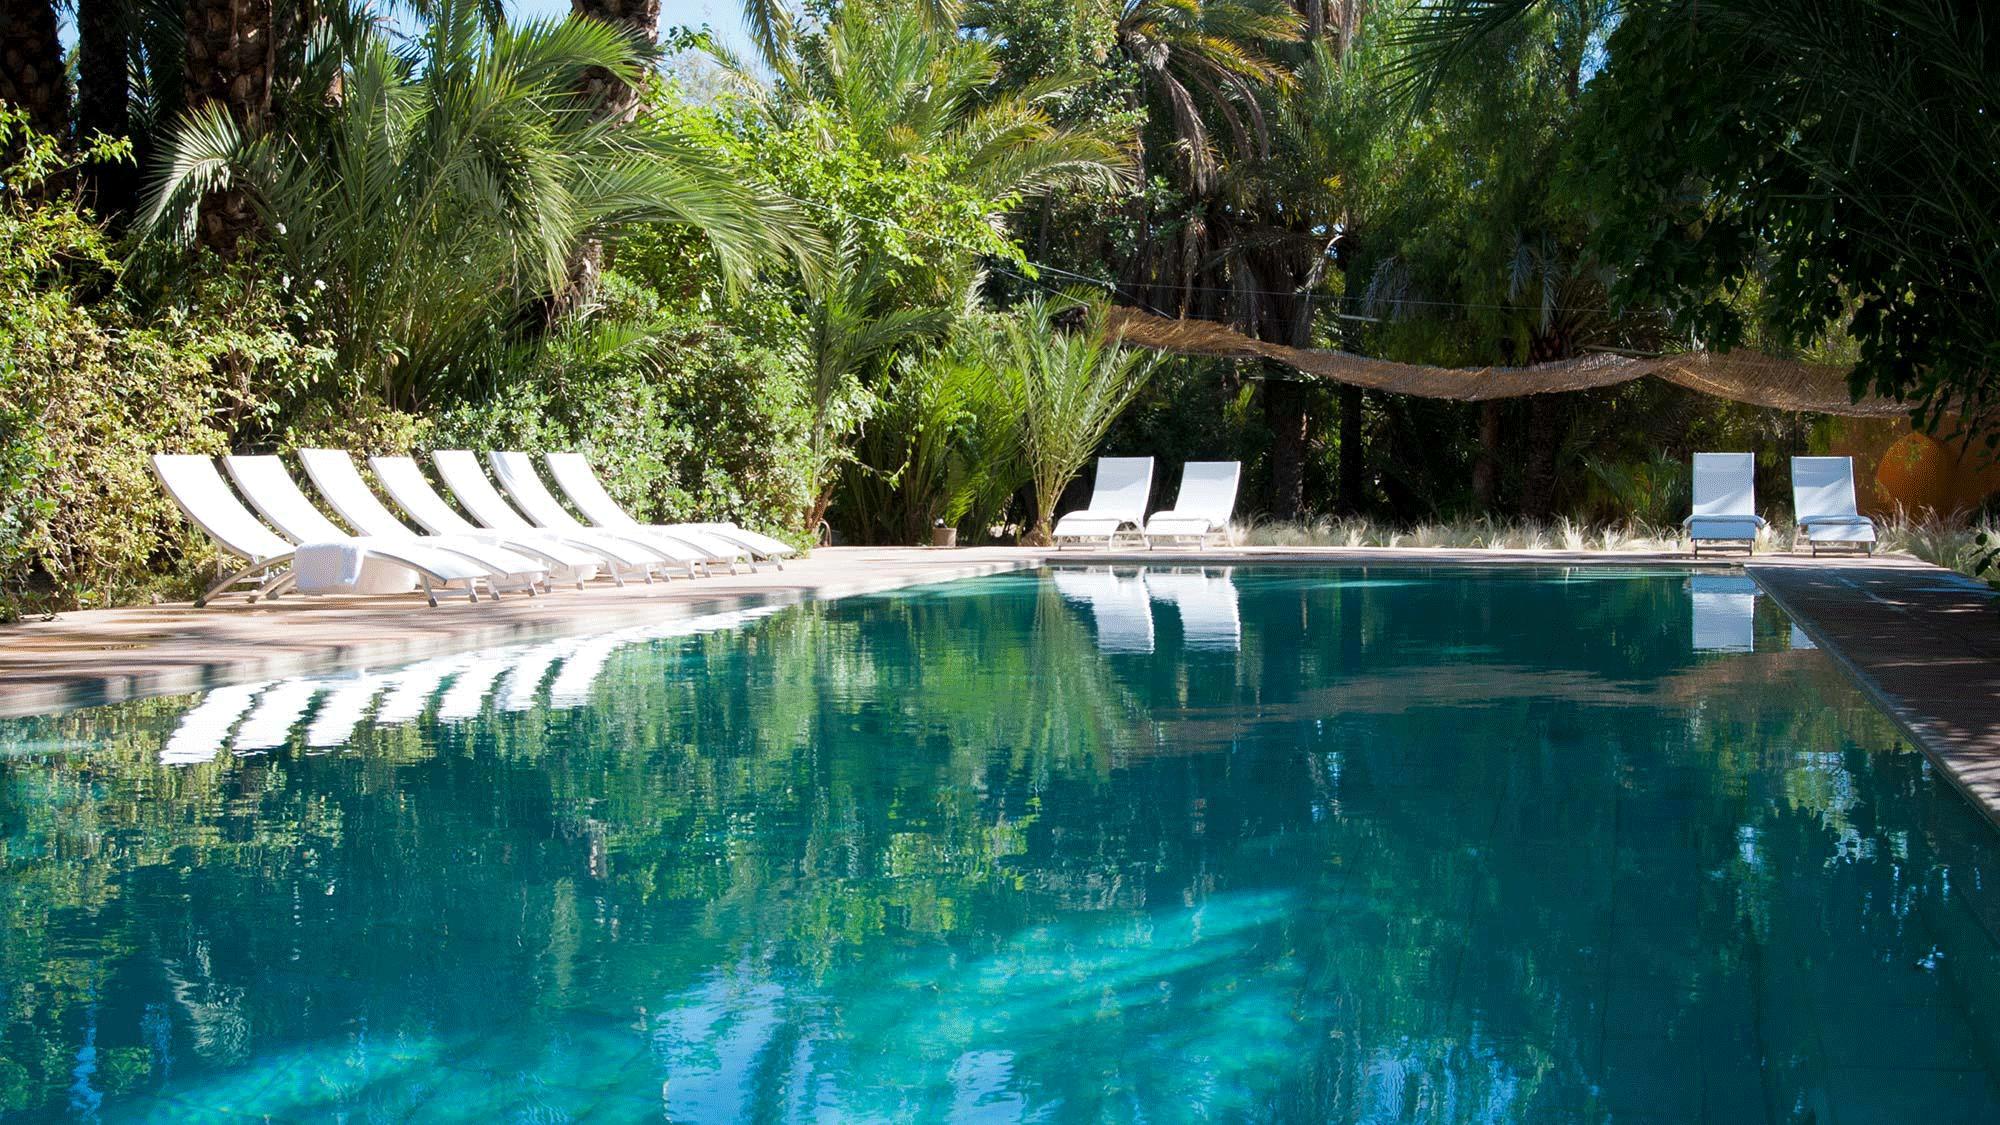 jnane-tamsna-marrakech-pool